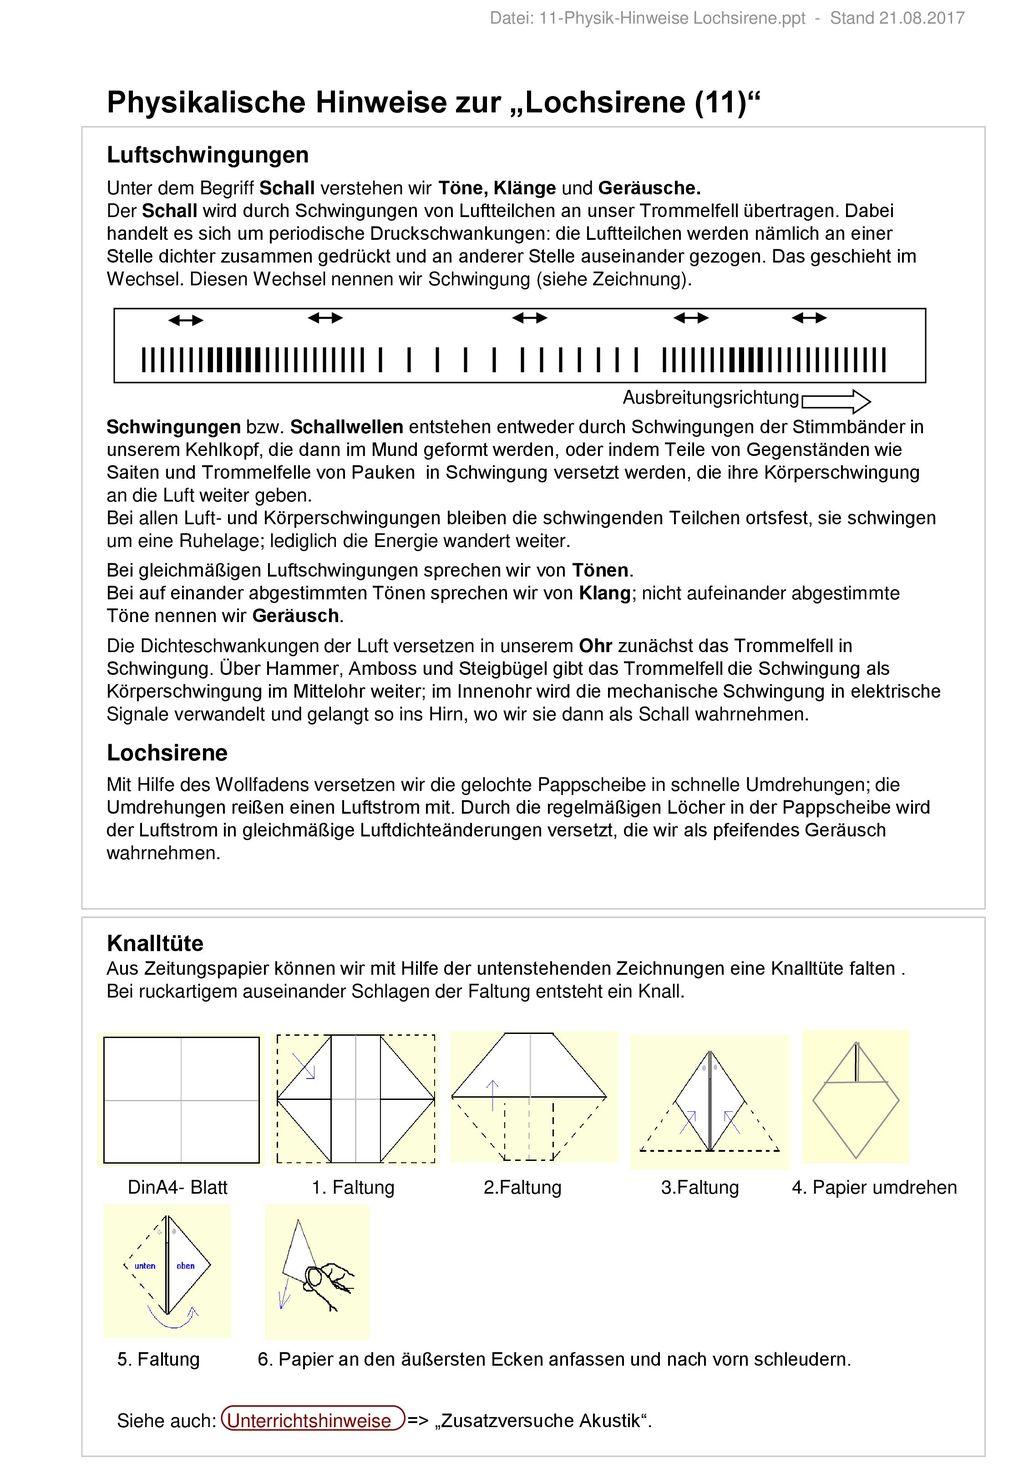 Datei: 11-Physik-Hinweise Lochsirene.ppt - Stand - ppt herunterladen